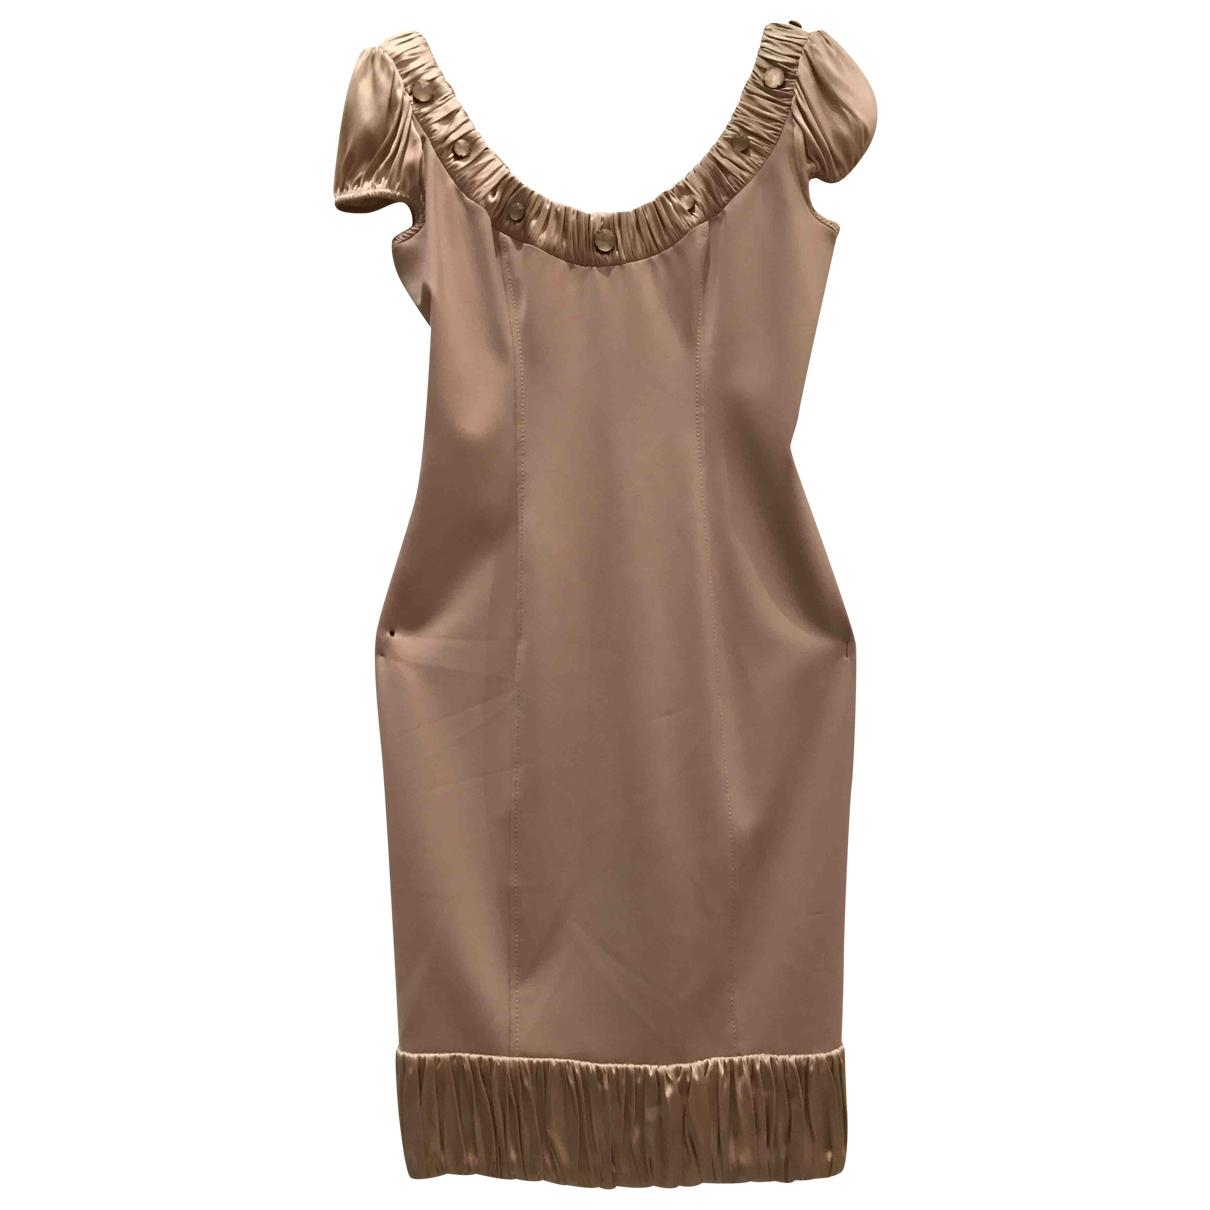 Blumarine \N Beige Wool dress for Women 42 IT